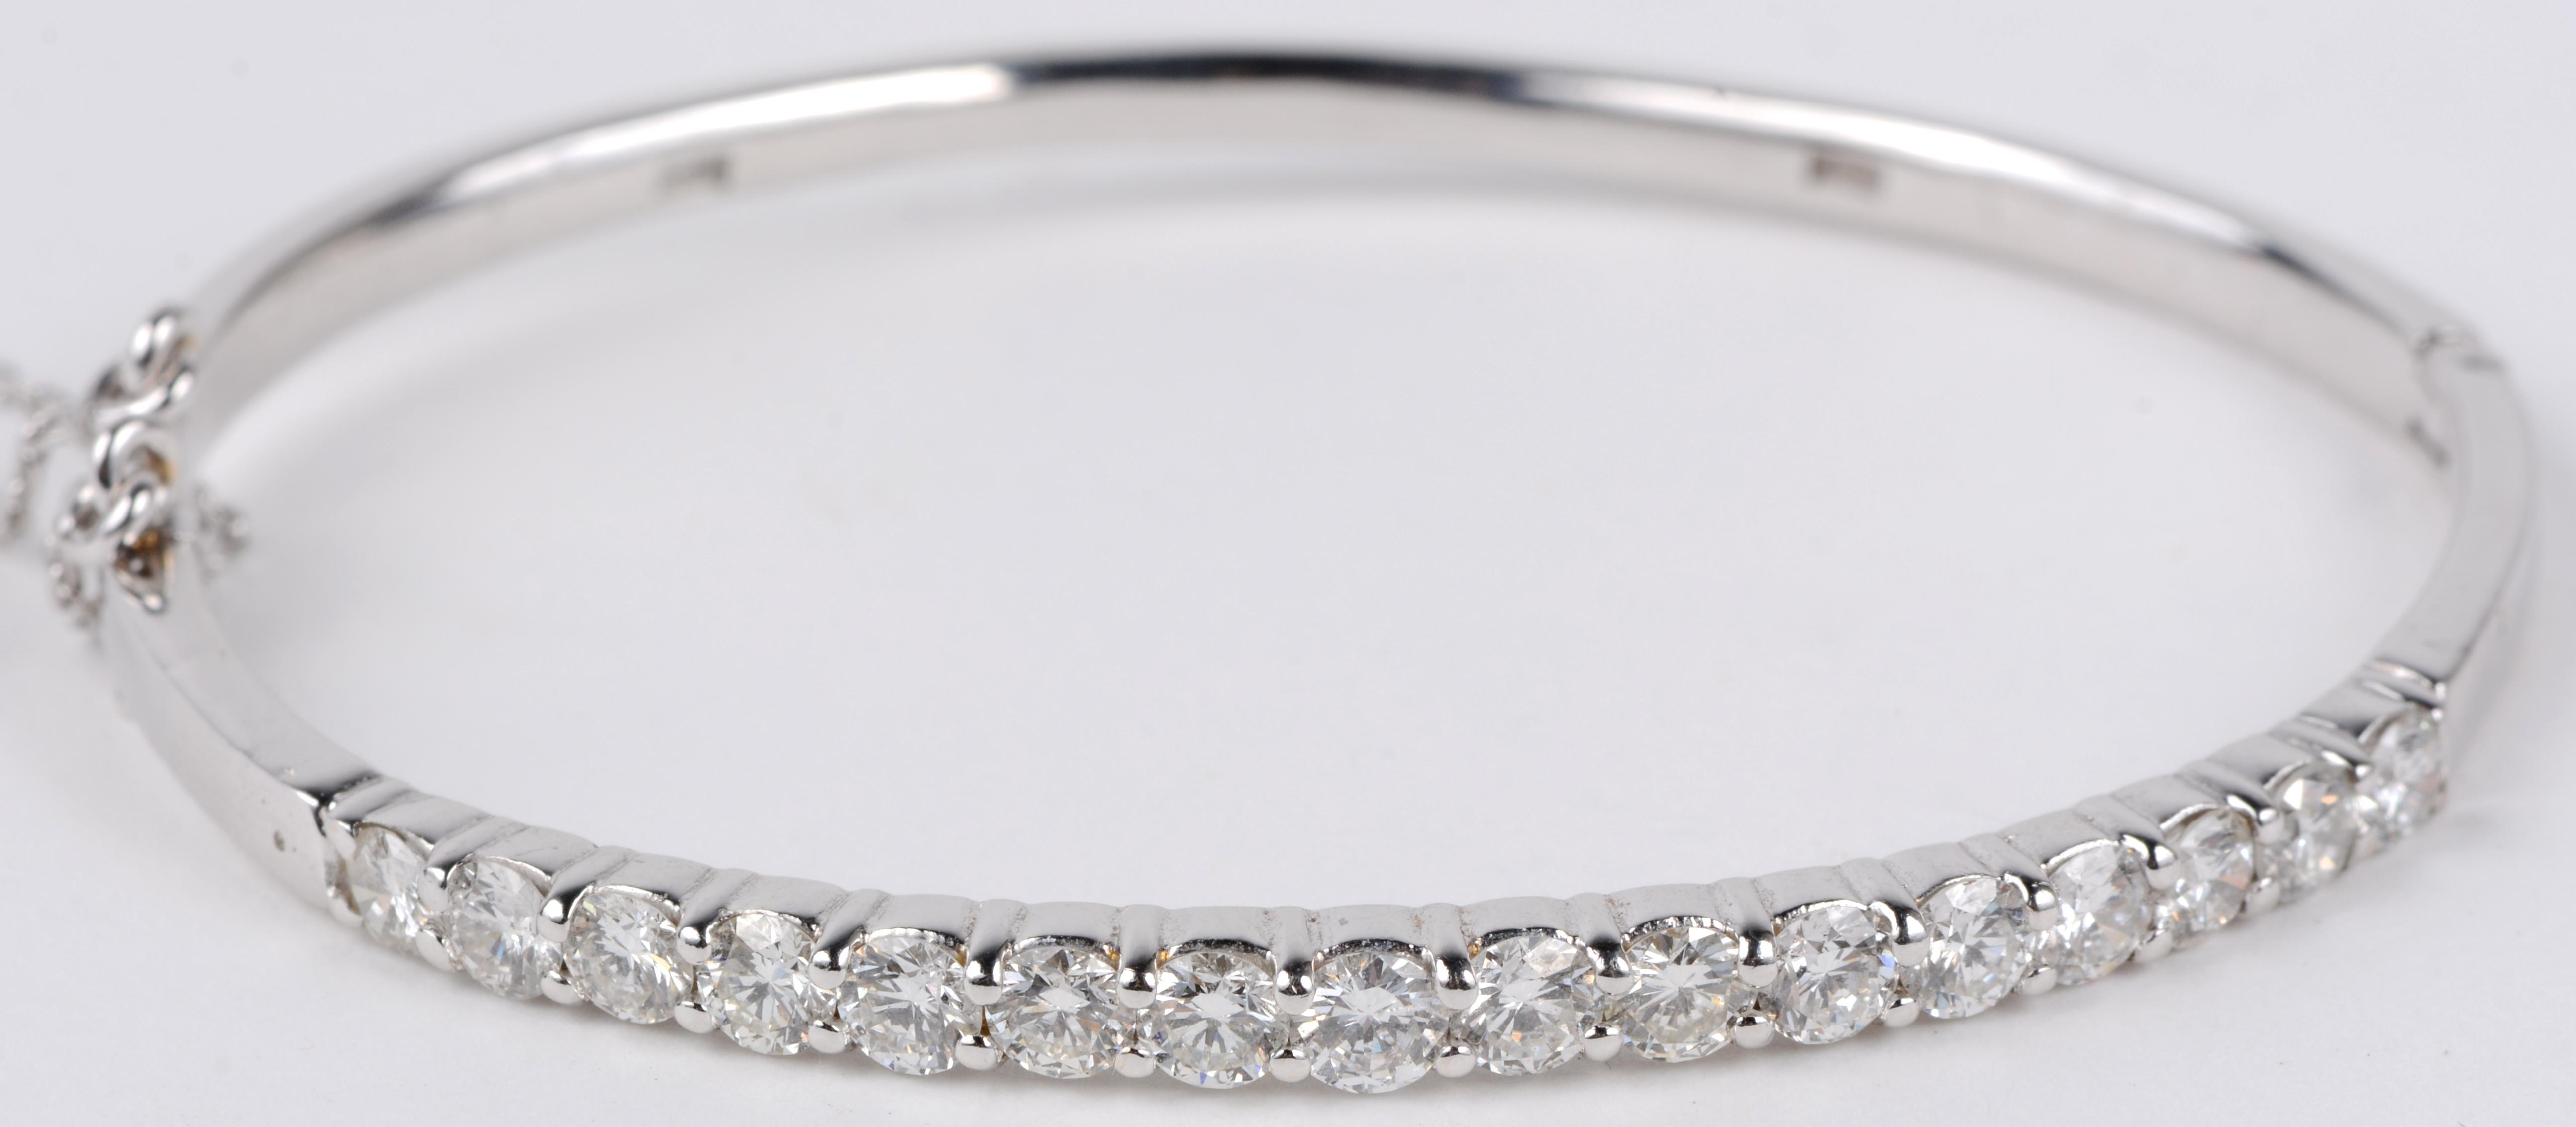 Een 18 karaats wit gouden slavenarmband bezet met diamanten met een gezamenlijk gewicht van ± 2,40 ct.